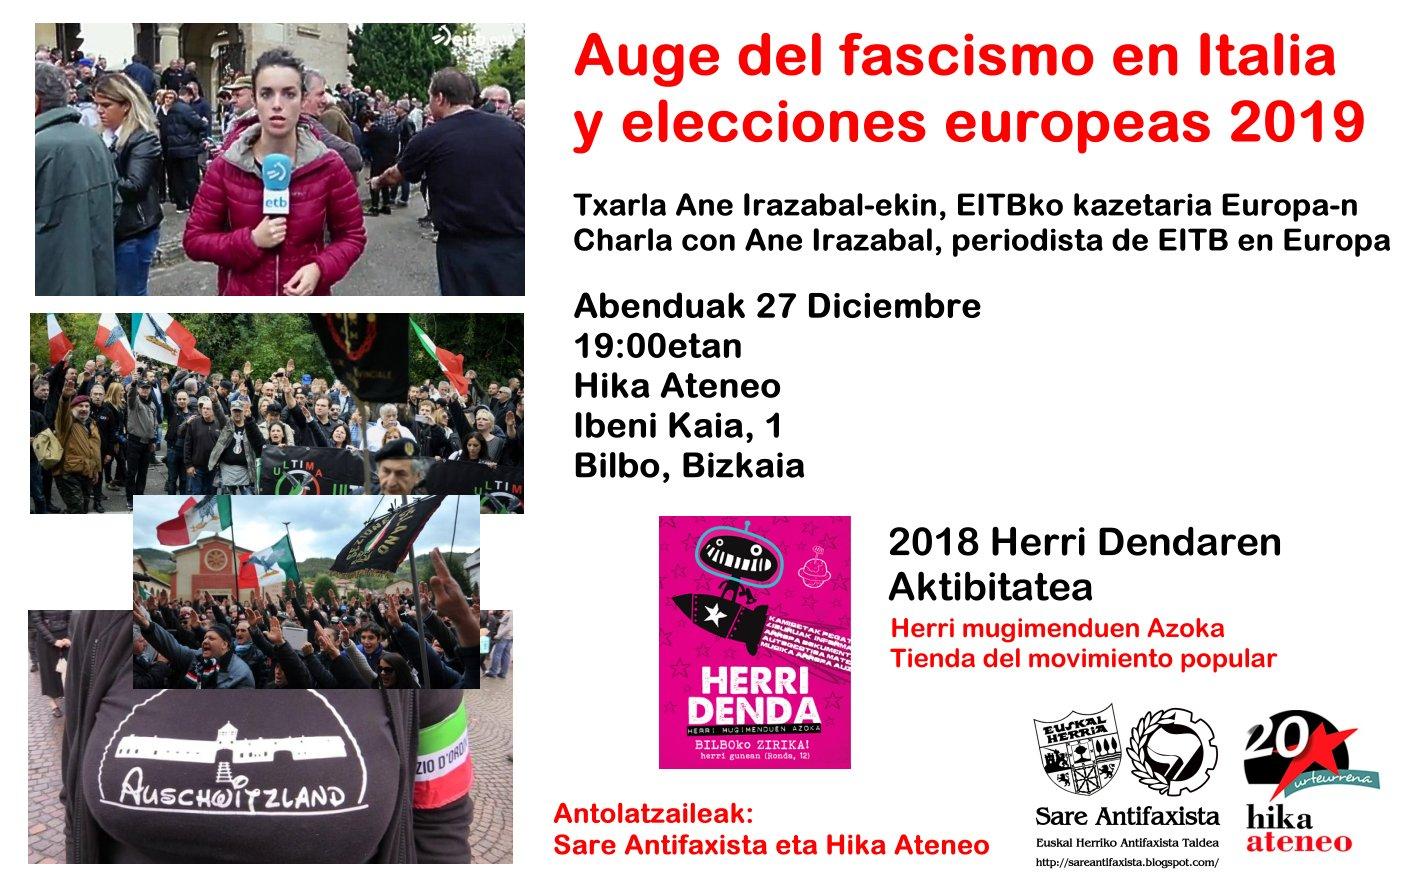 Sare Antifaxista Ane Irazabal Bilbao